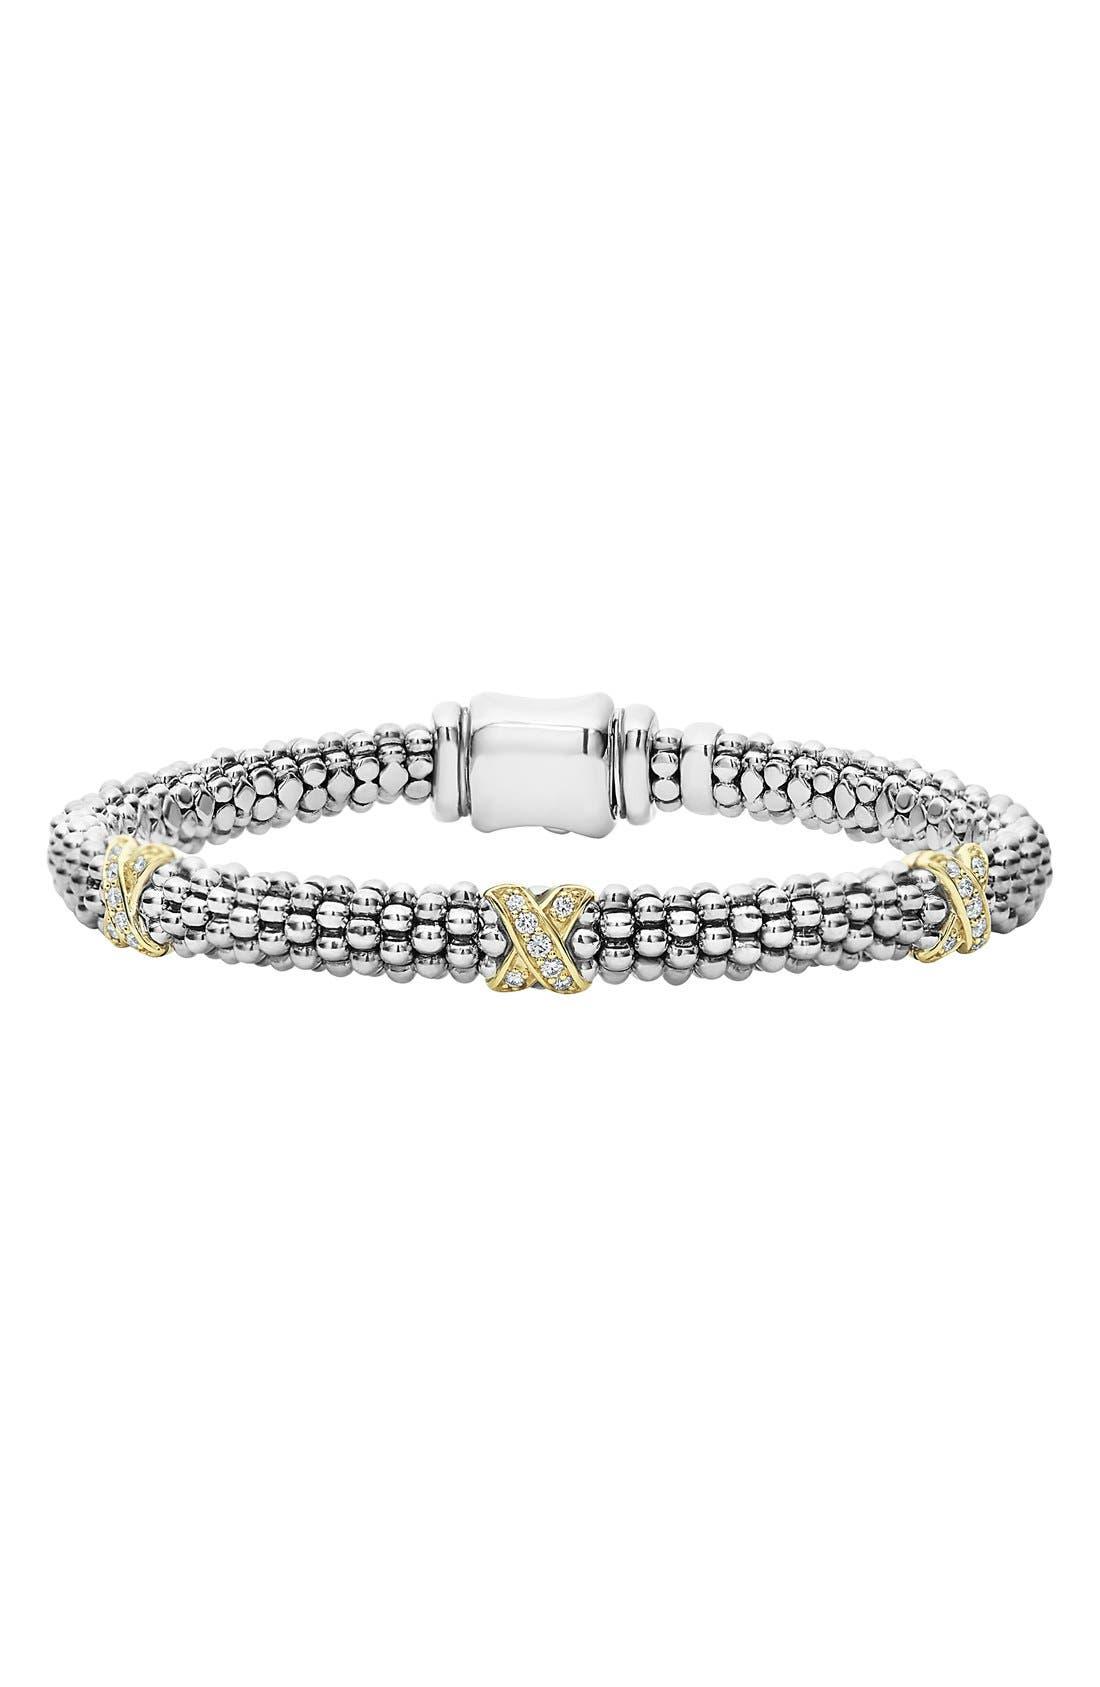 Main Image - LAGOS 'Signature Caviar' Diamond Rope Bracelet